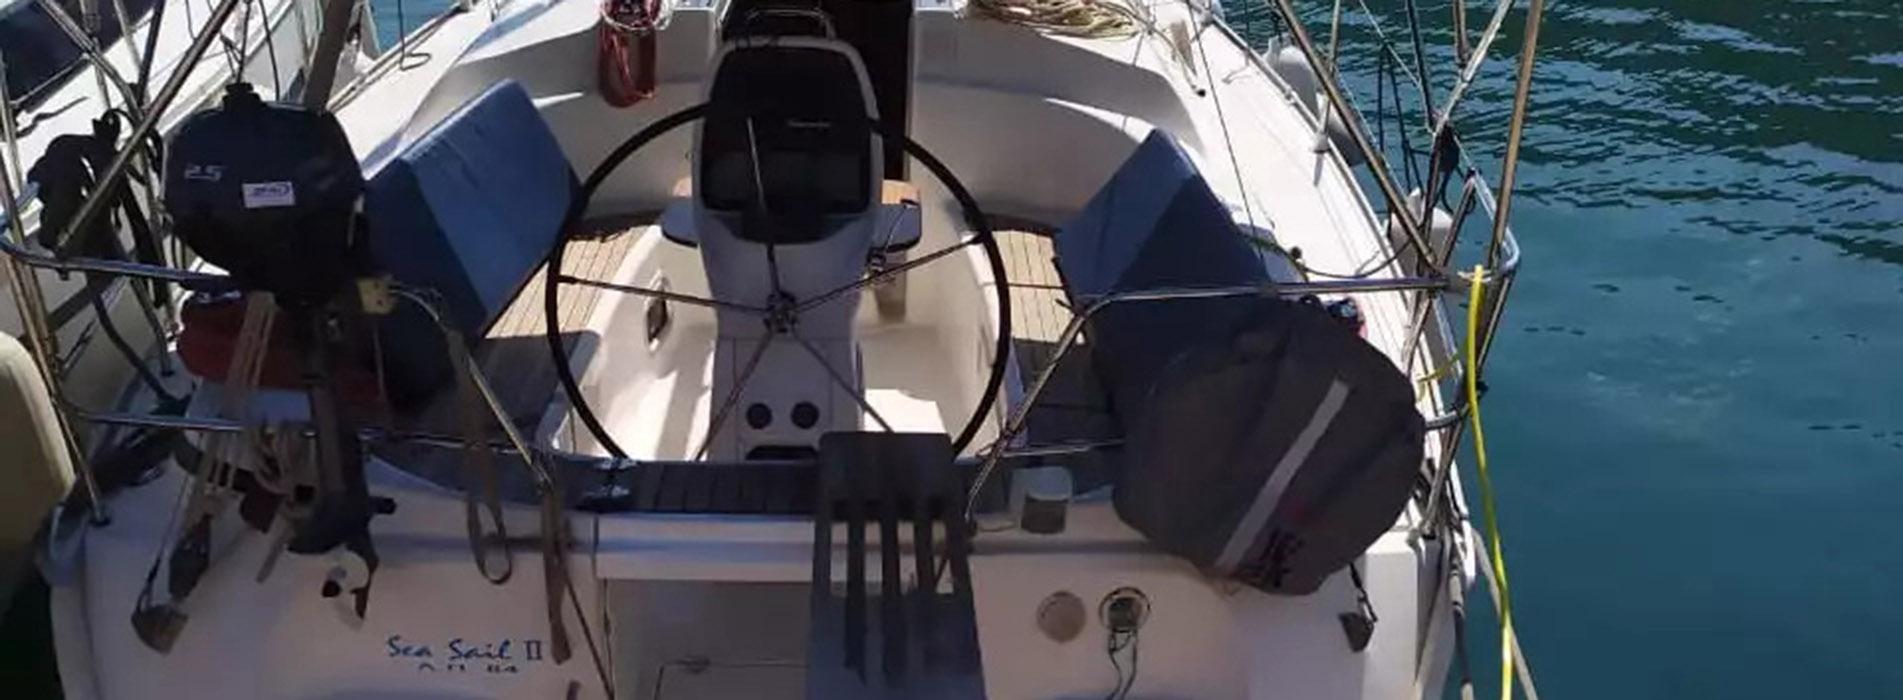 Bavaria 33 - Sea Sail 2 1 (main)